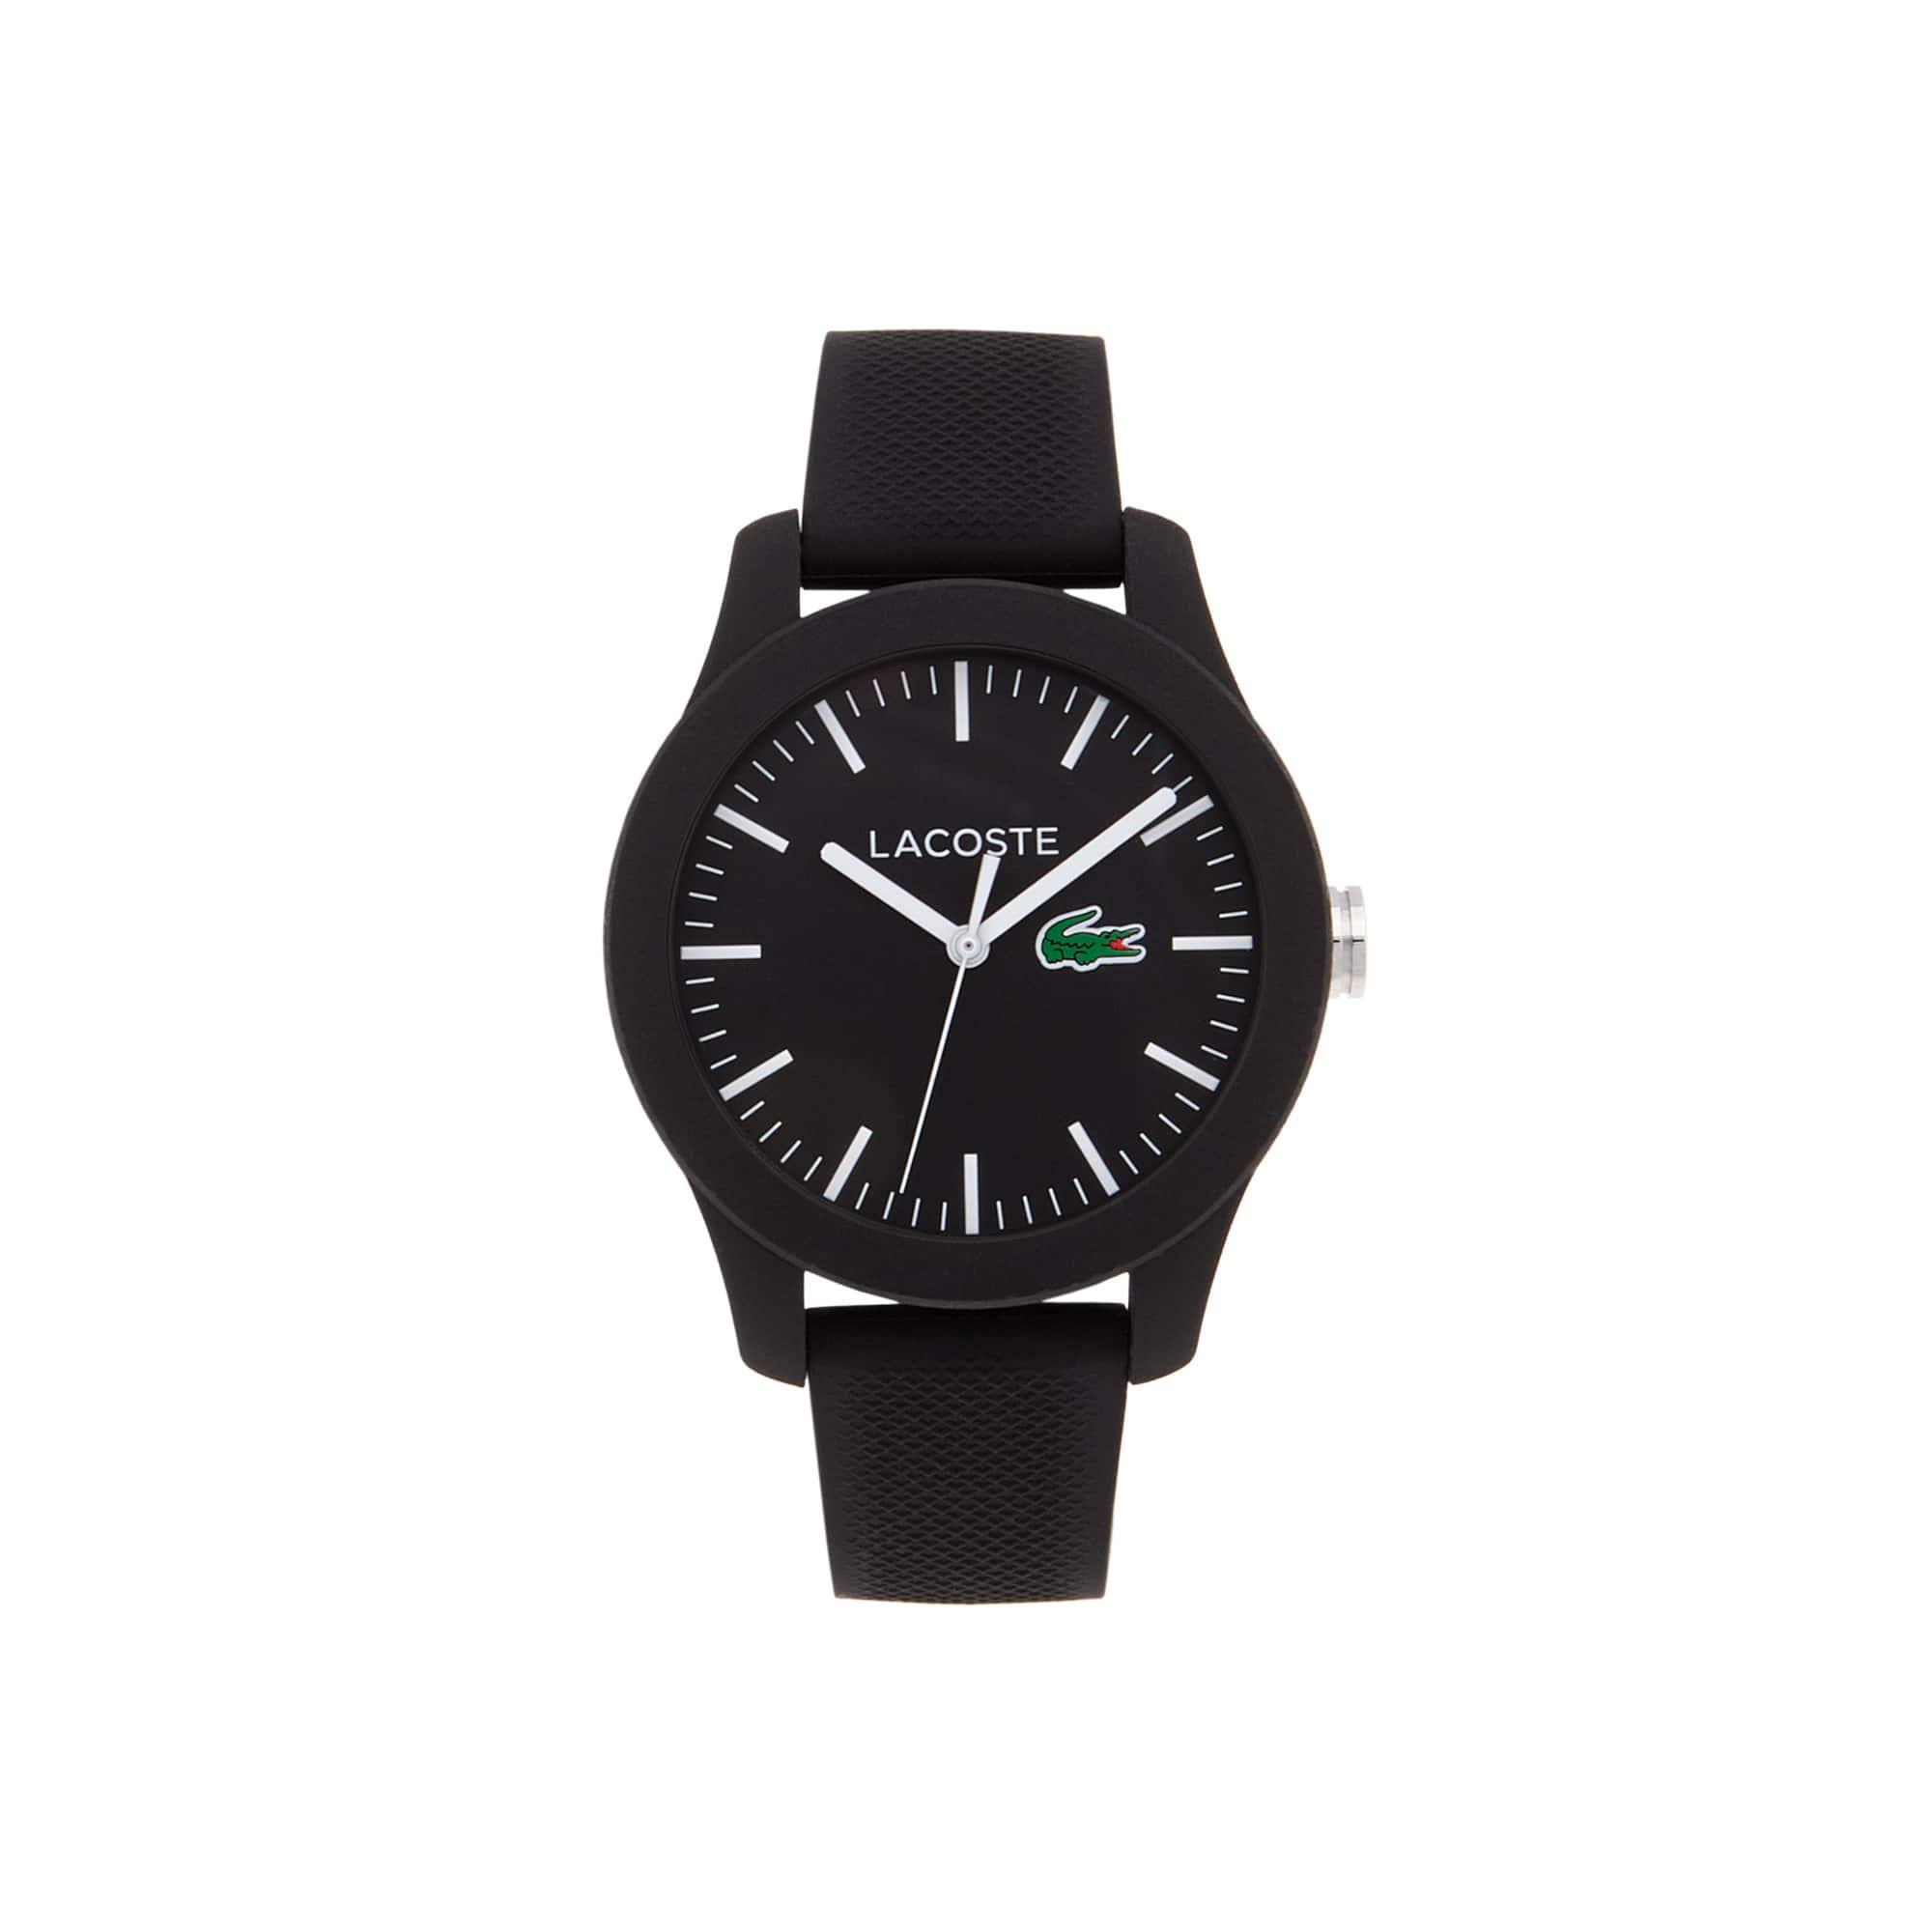 Lacoste 12.12 Horloge Vrouwen zwart